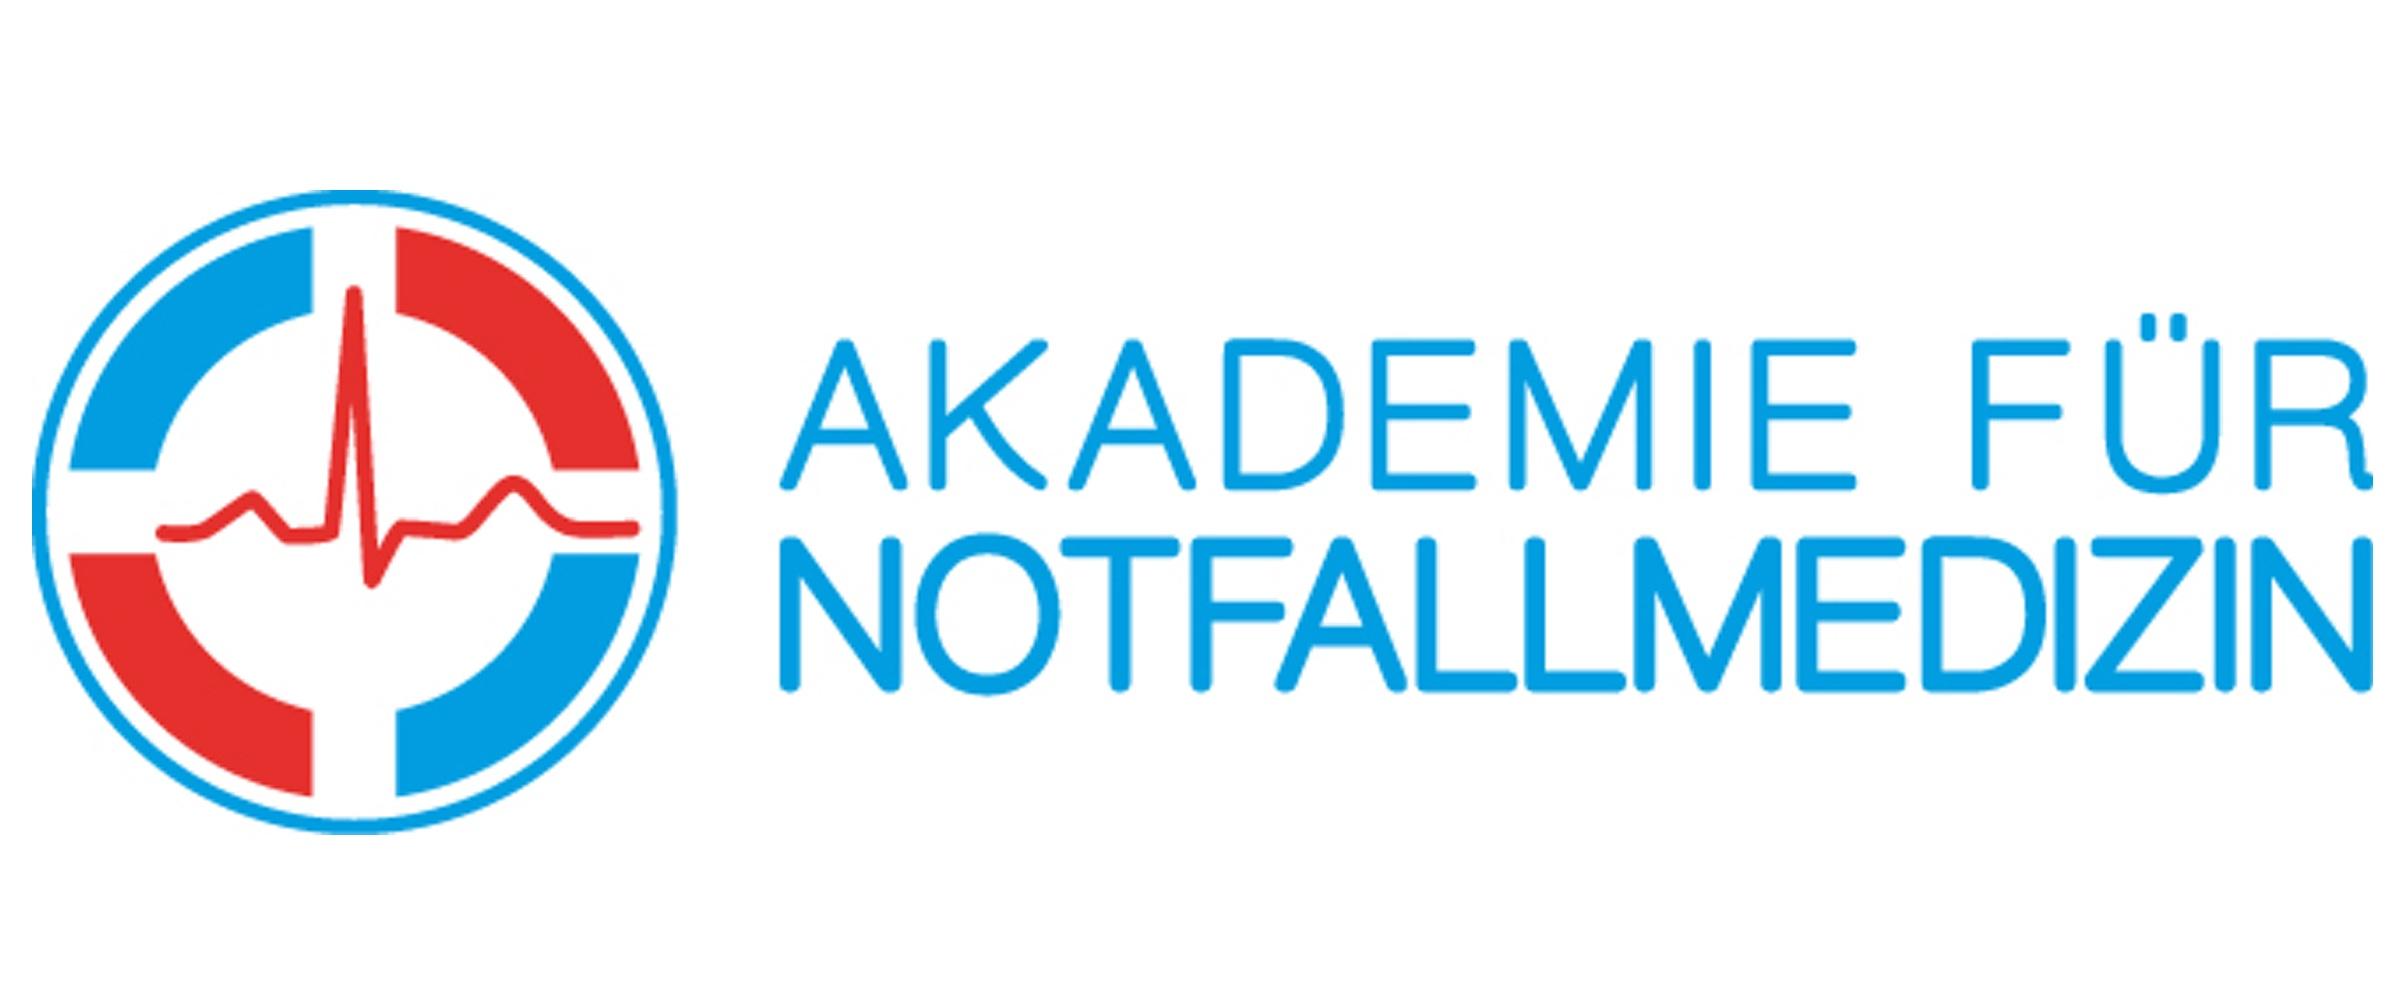 Akademie für Notfallmedizin